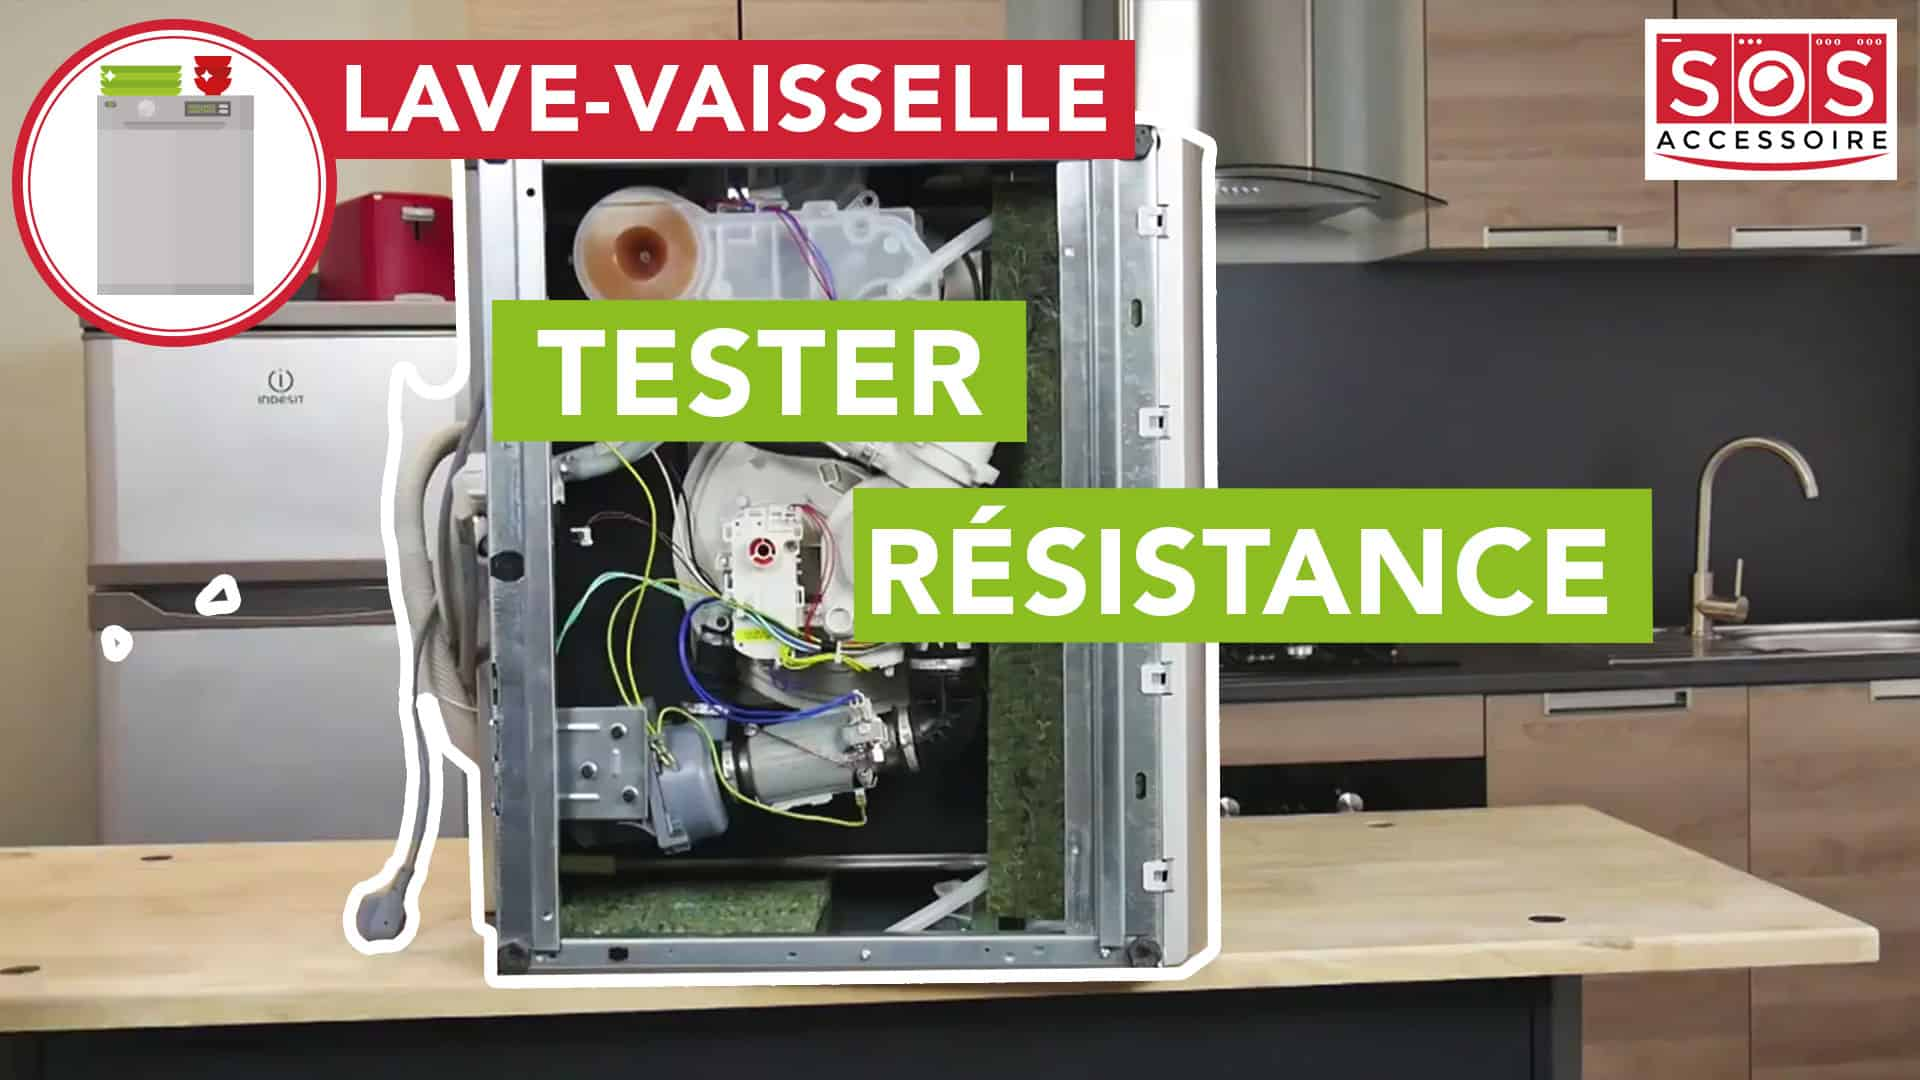 Quel Est Le Temps De Lavage D Un Lave Vaisselle lave-vaisselle : comment tester la résistance de mon lave